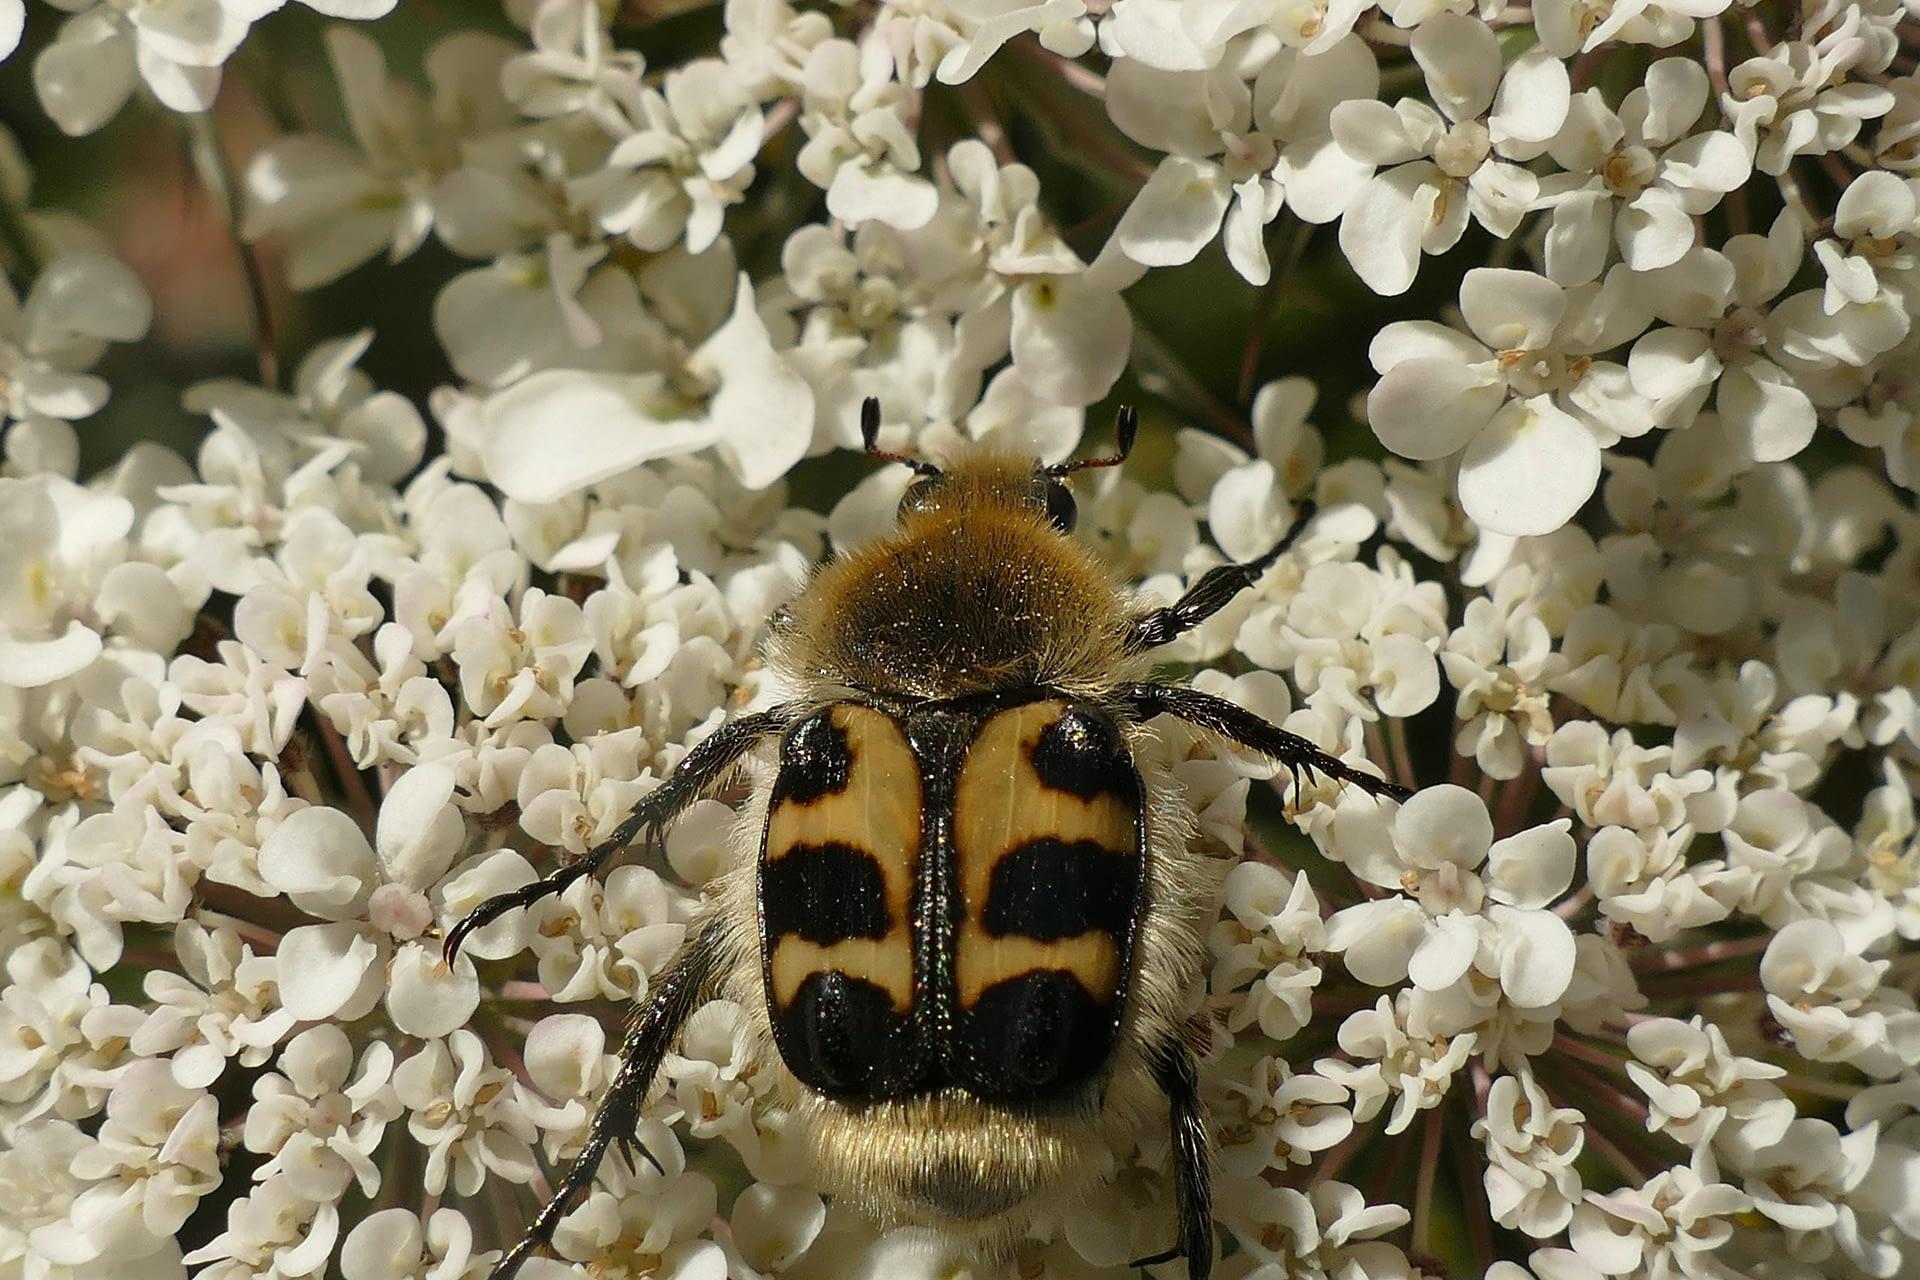 Escarabajo abeja, Trichius gallicus, sobre zanahoria salvaje, Daucus carota.